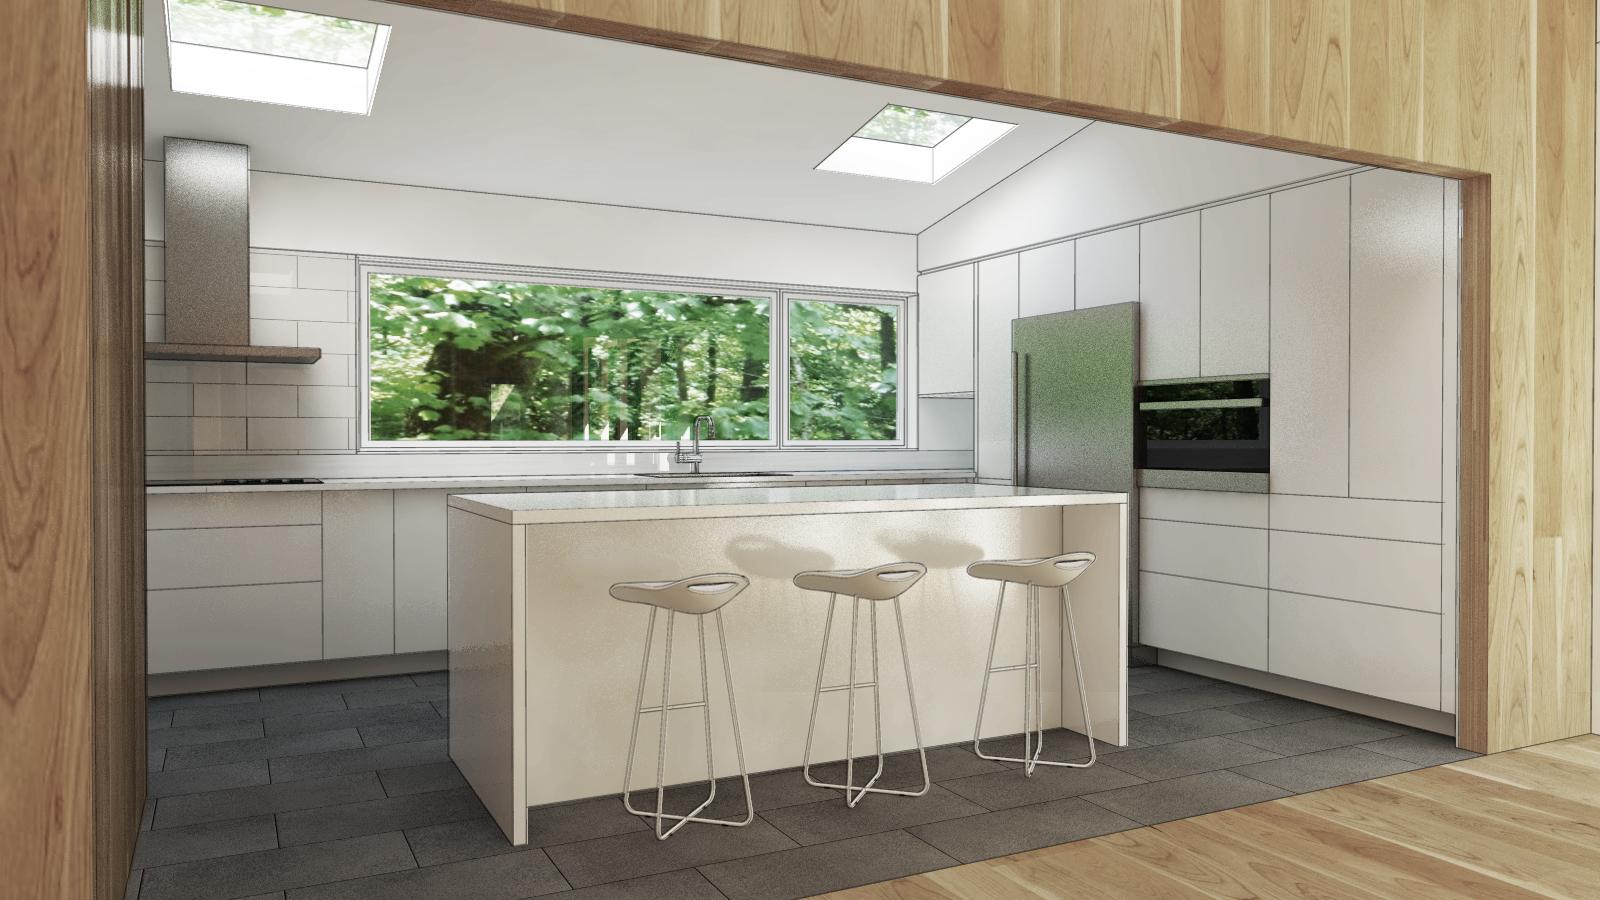 1509 Kitchen Rendering 151119.jpg